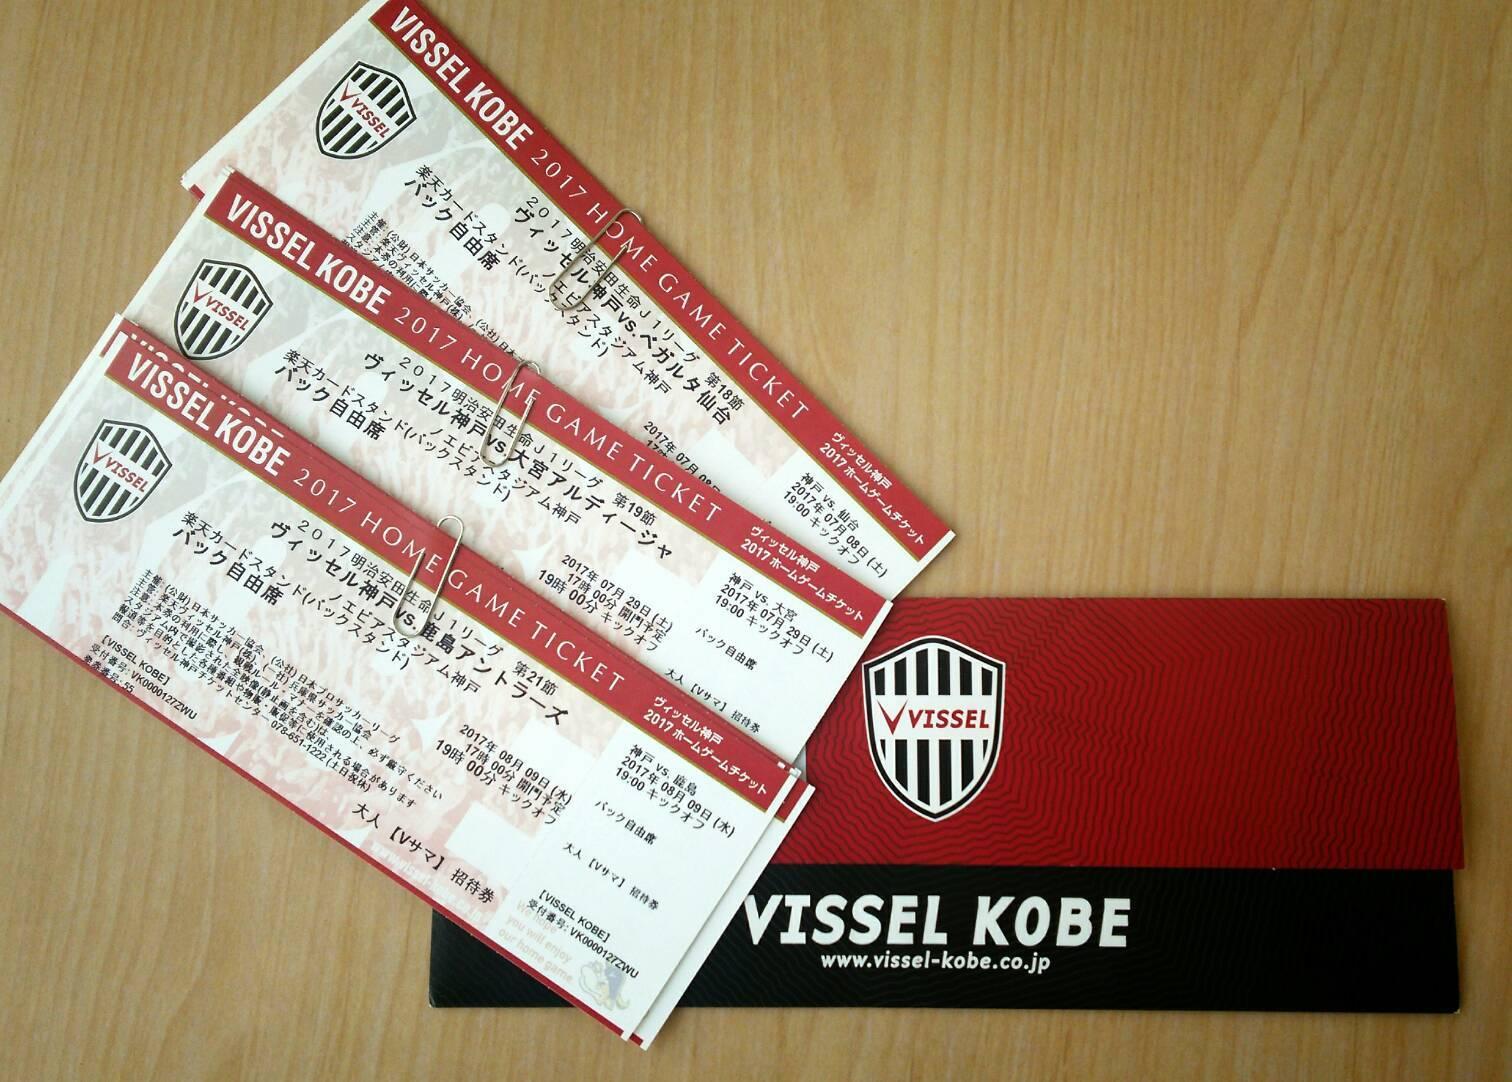 ヴィッセル神戸ホームゲームチケットプレゼント!_d0013202_14522792.jpg